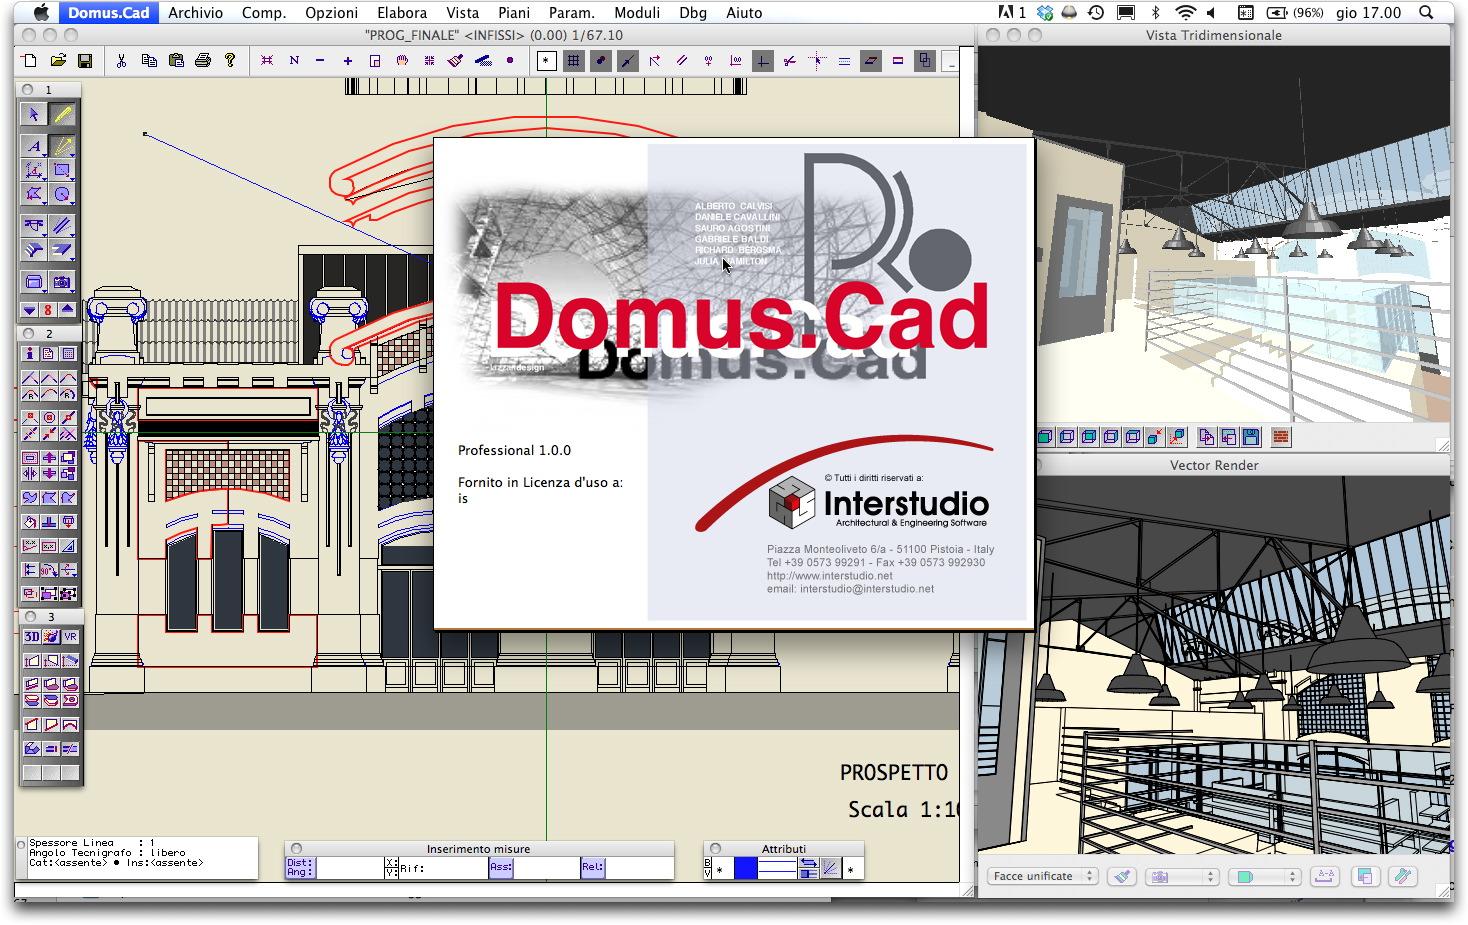 Il cad domus cad pro 2 edubase gratuito per studenti - Software per progettare casa ...